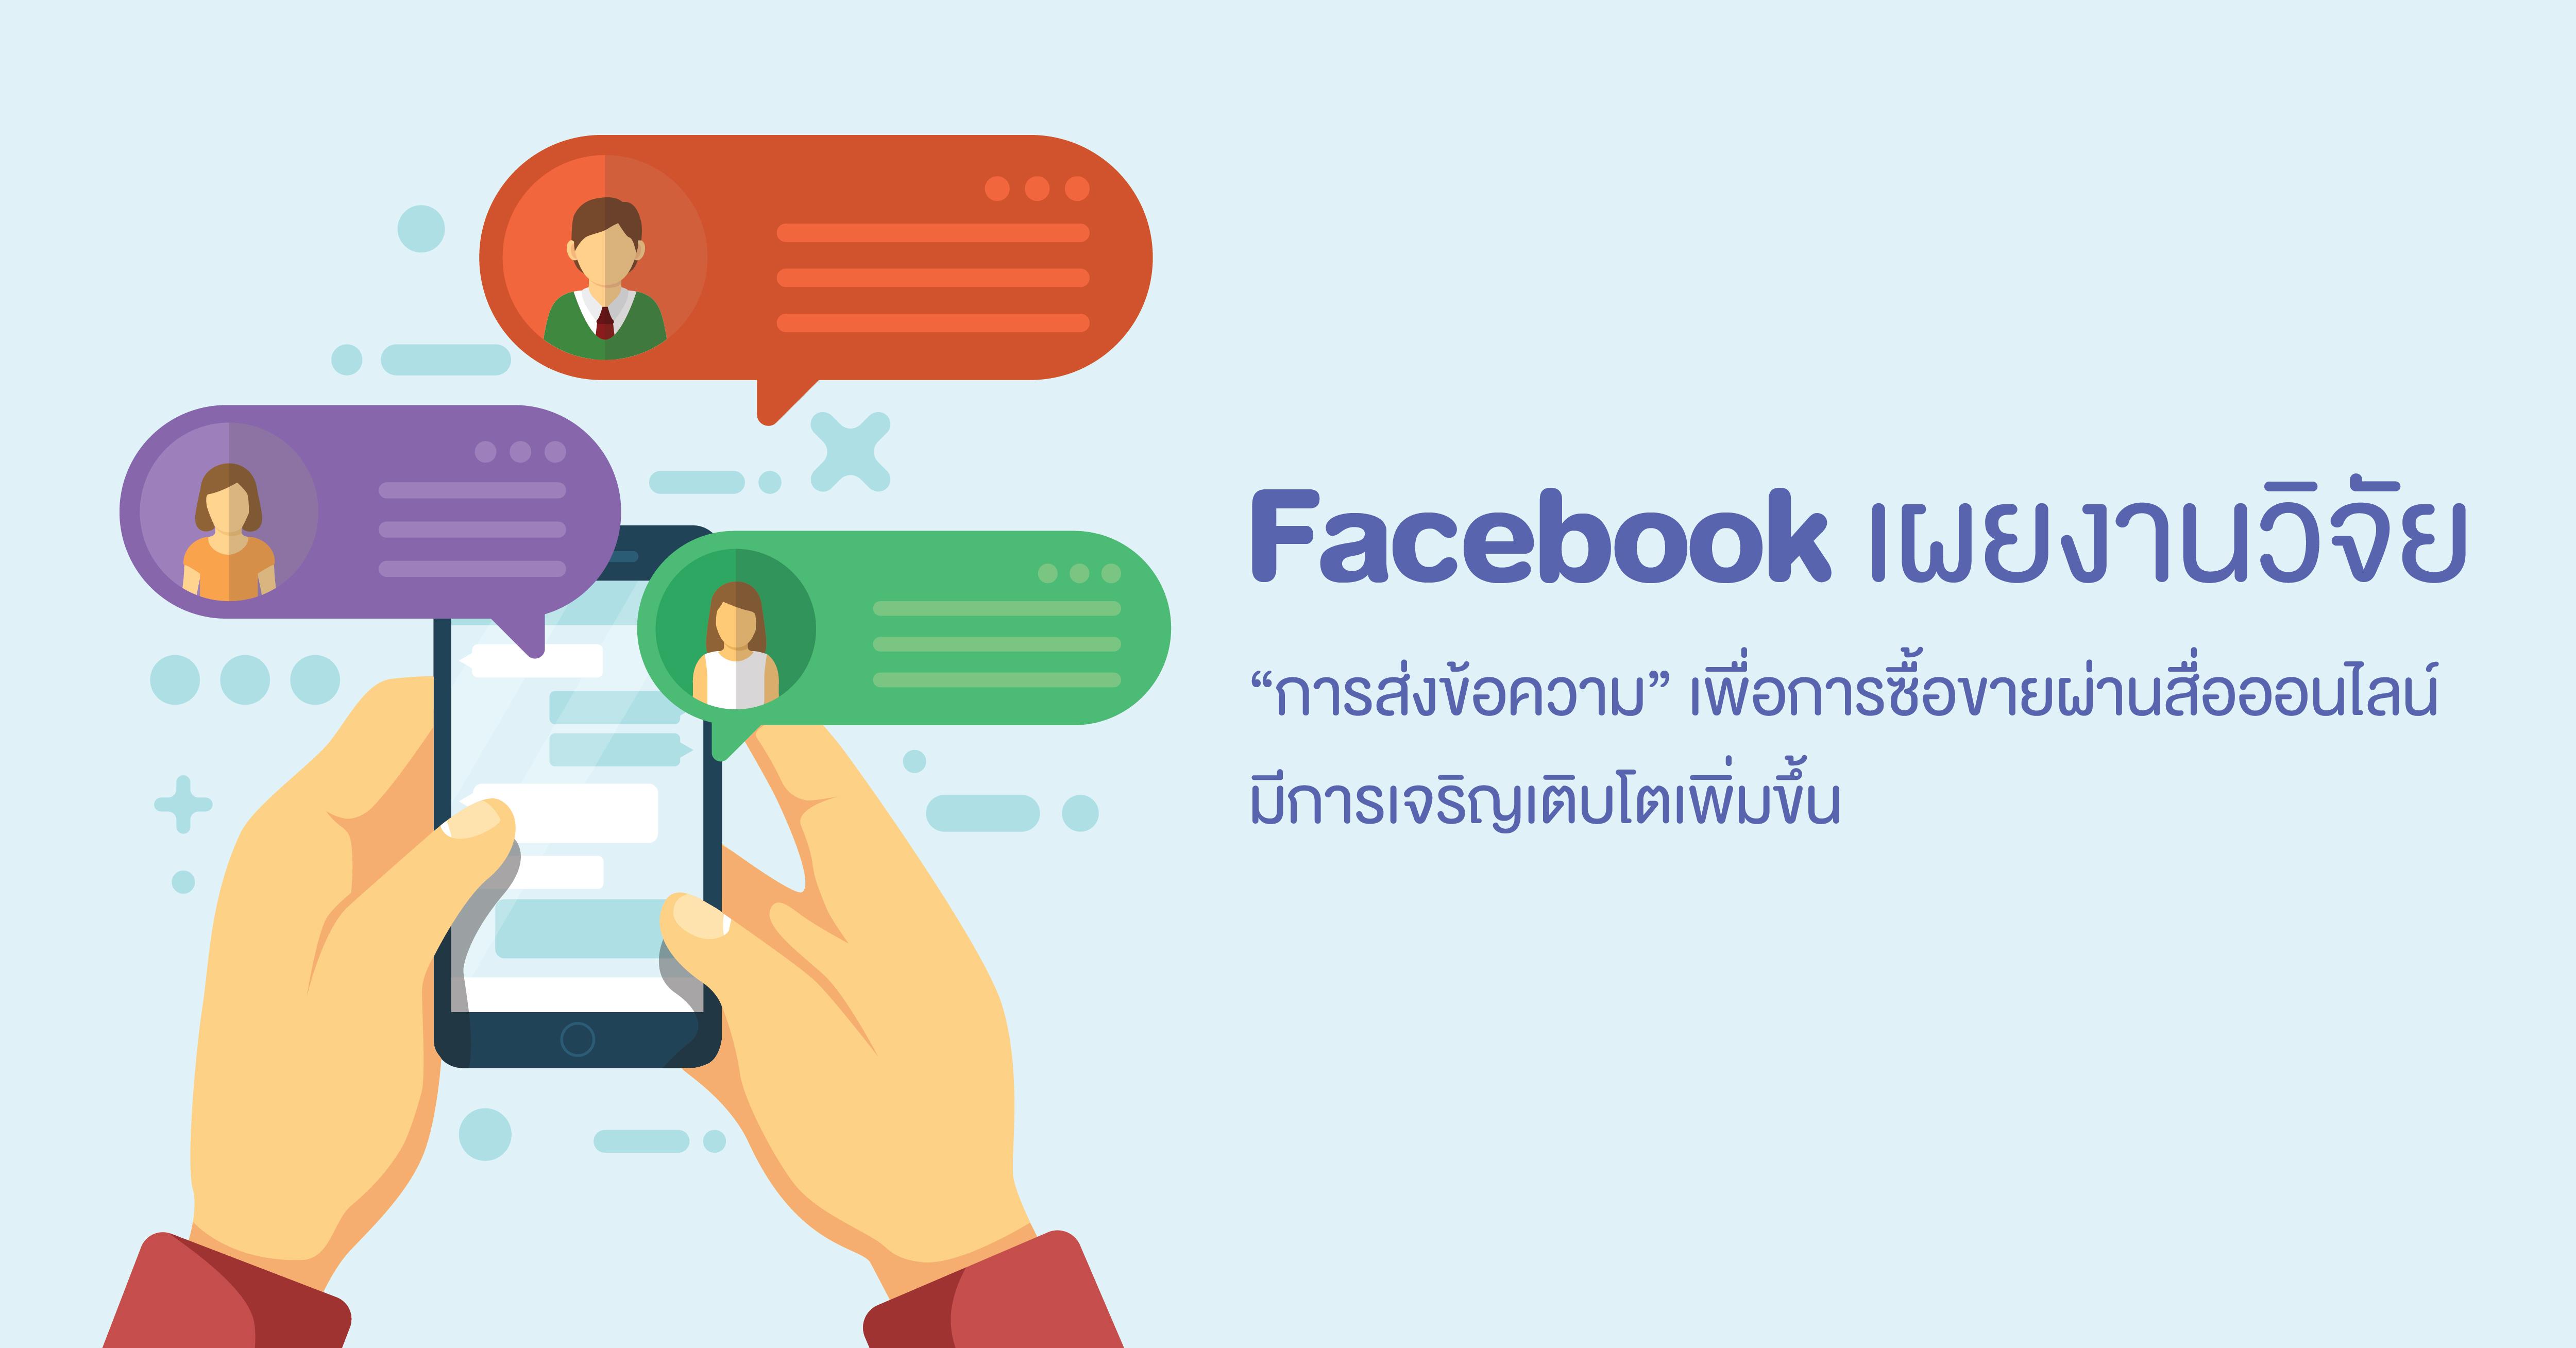 """Facebook ได้เผยแพร่งานวิจัยใหม่! """"การส่งข้อความ"""" เพื่อการขายผ่านสื่อออนไลน์มีการเติบโตเพิ่มขึ้น"""